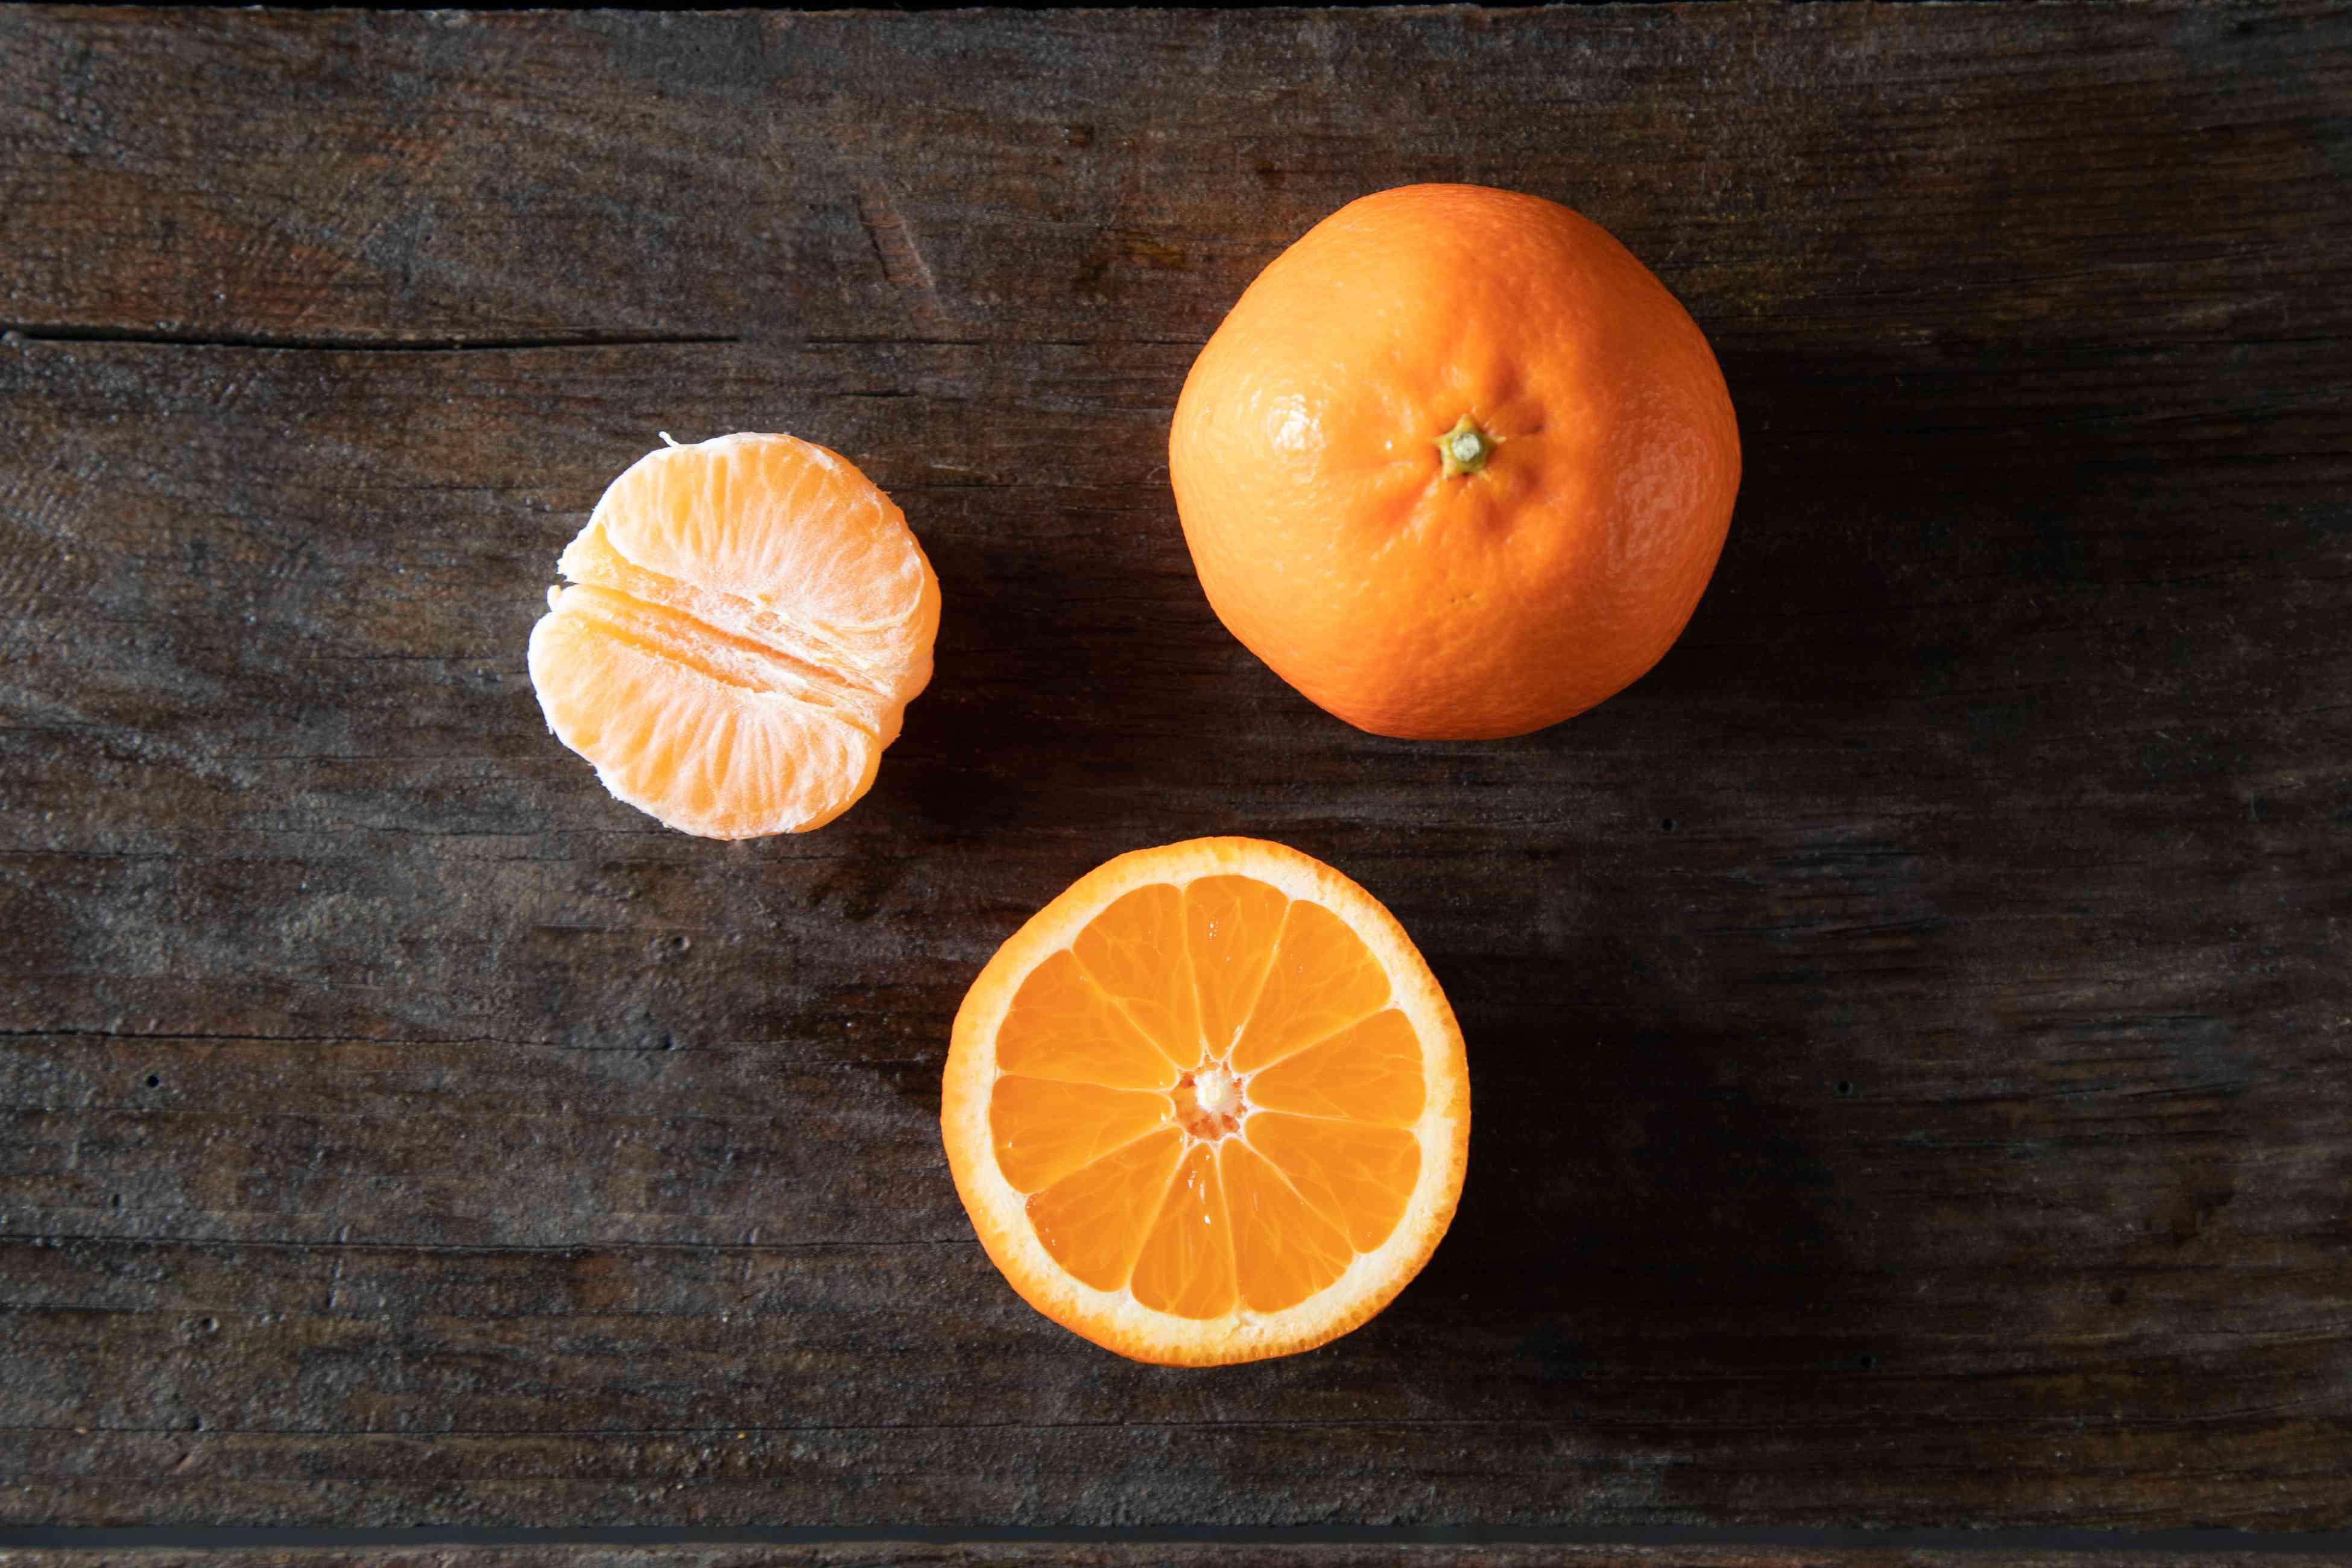 Tangerines on dark background